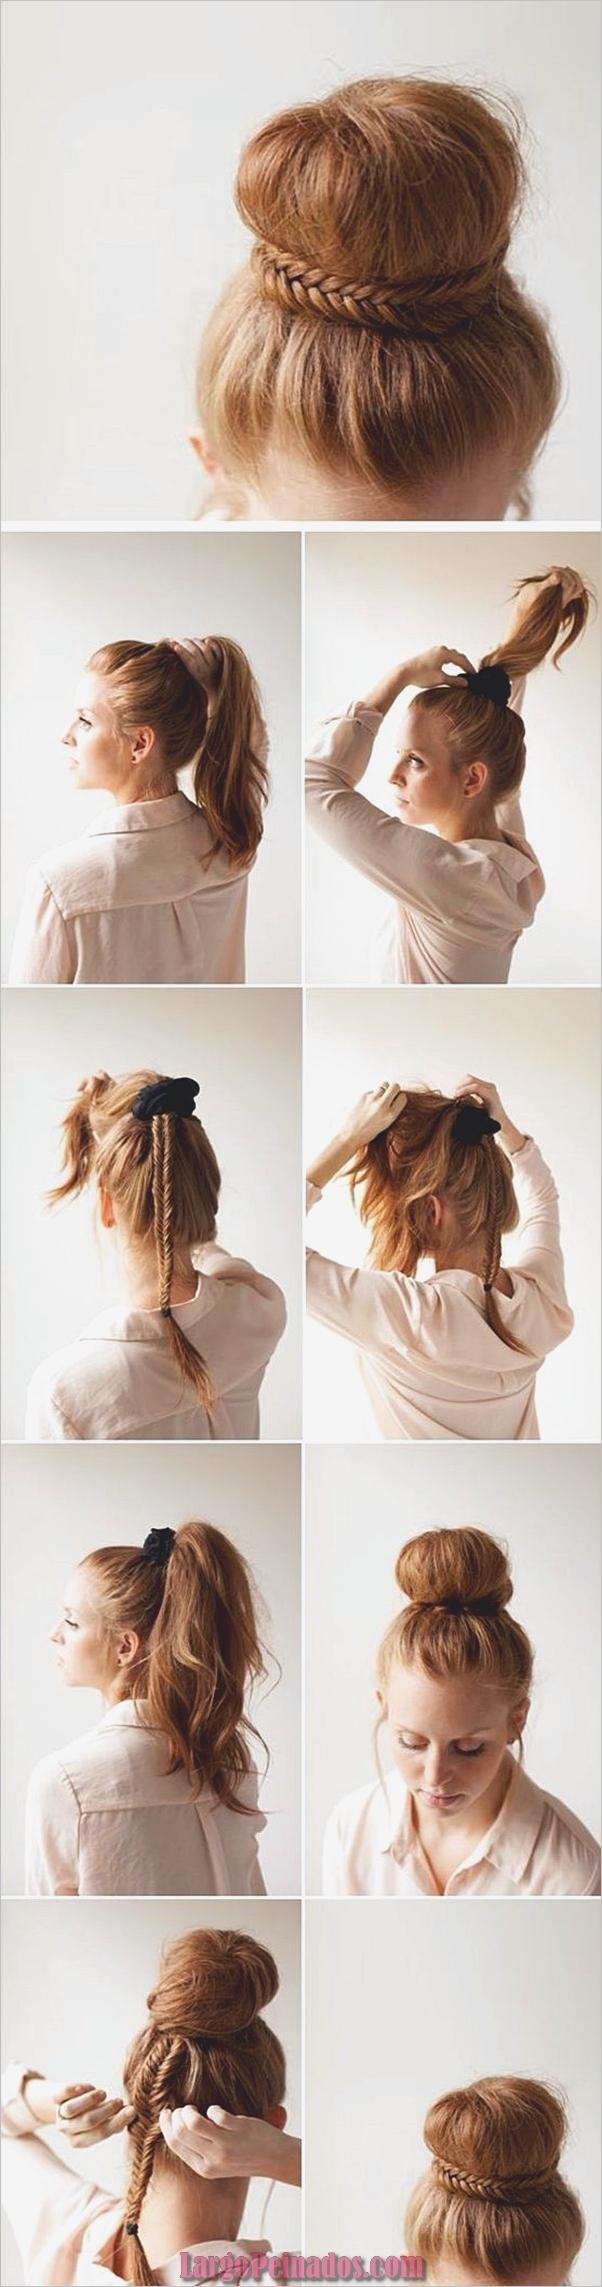 Peinados fáciles paso a paso para cabello largo2